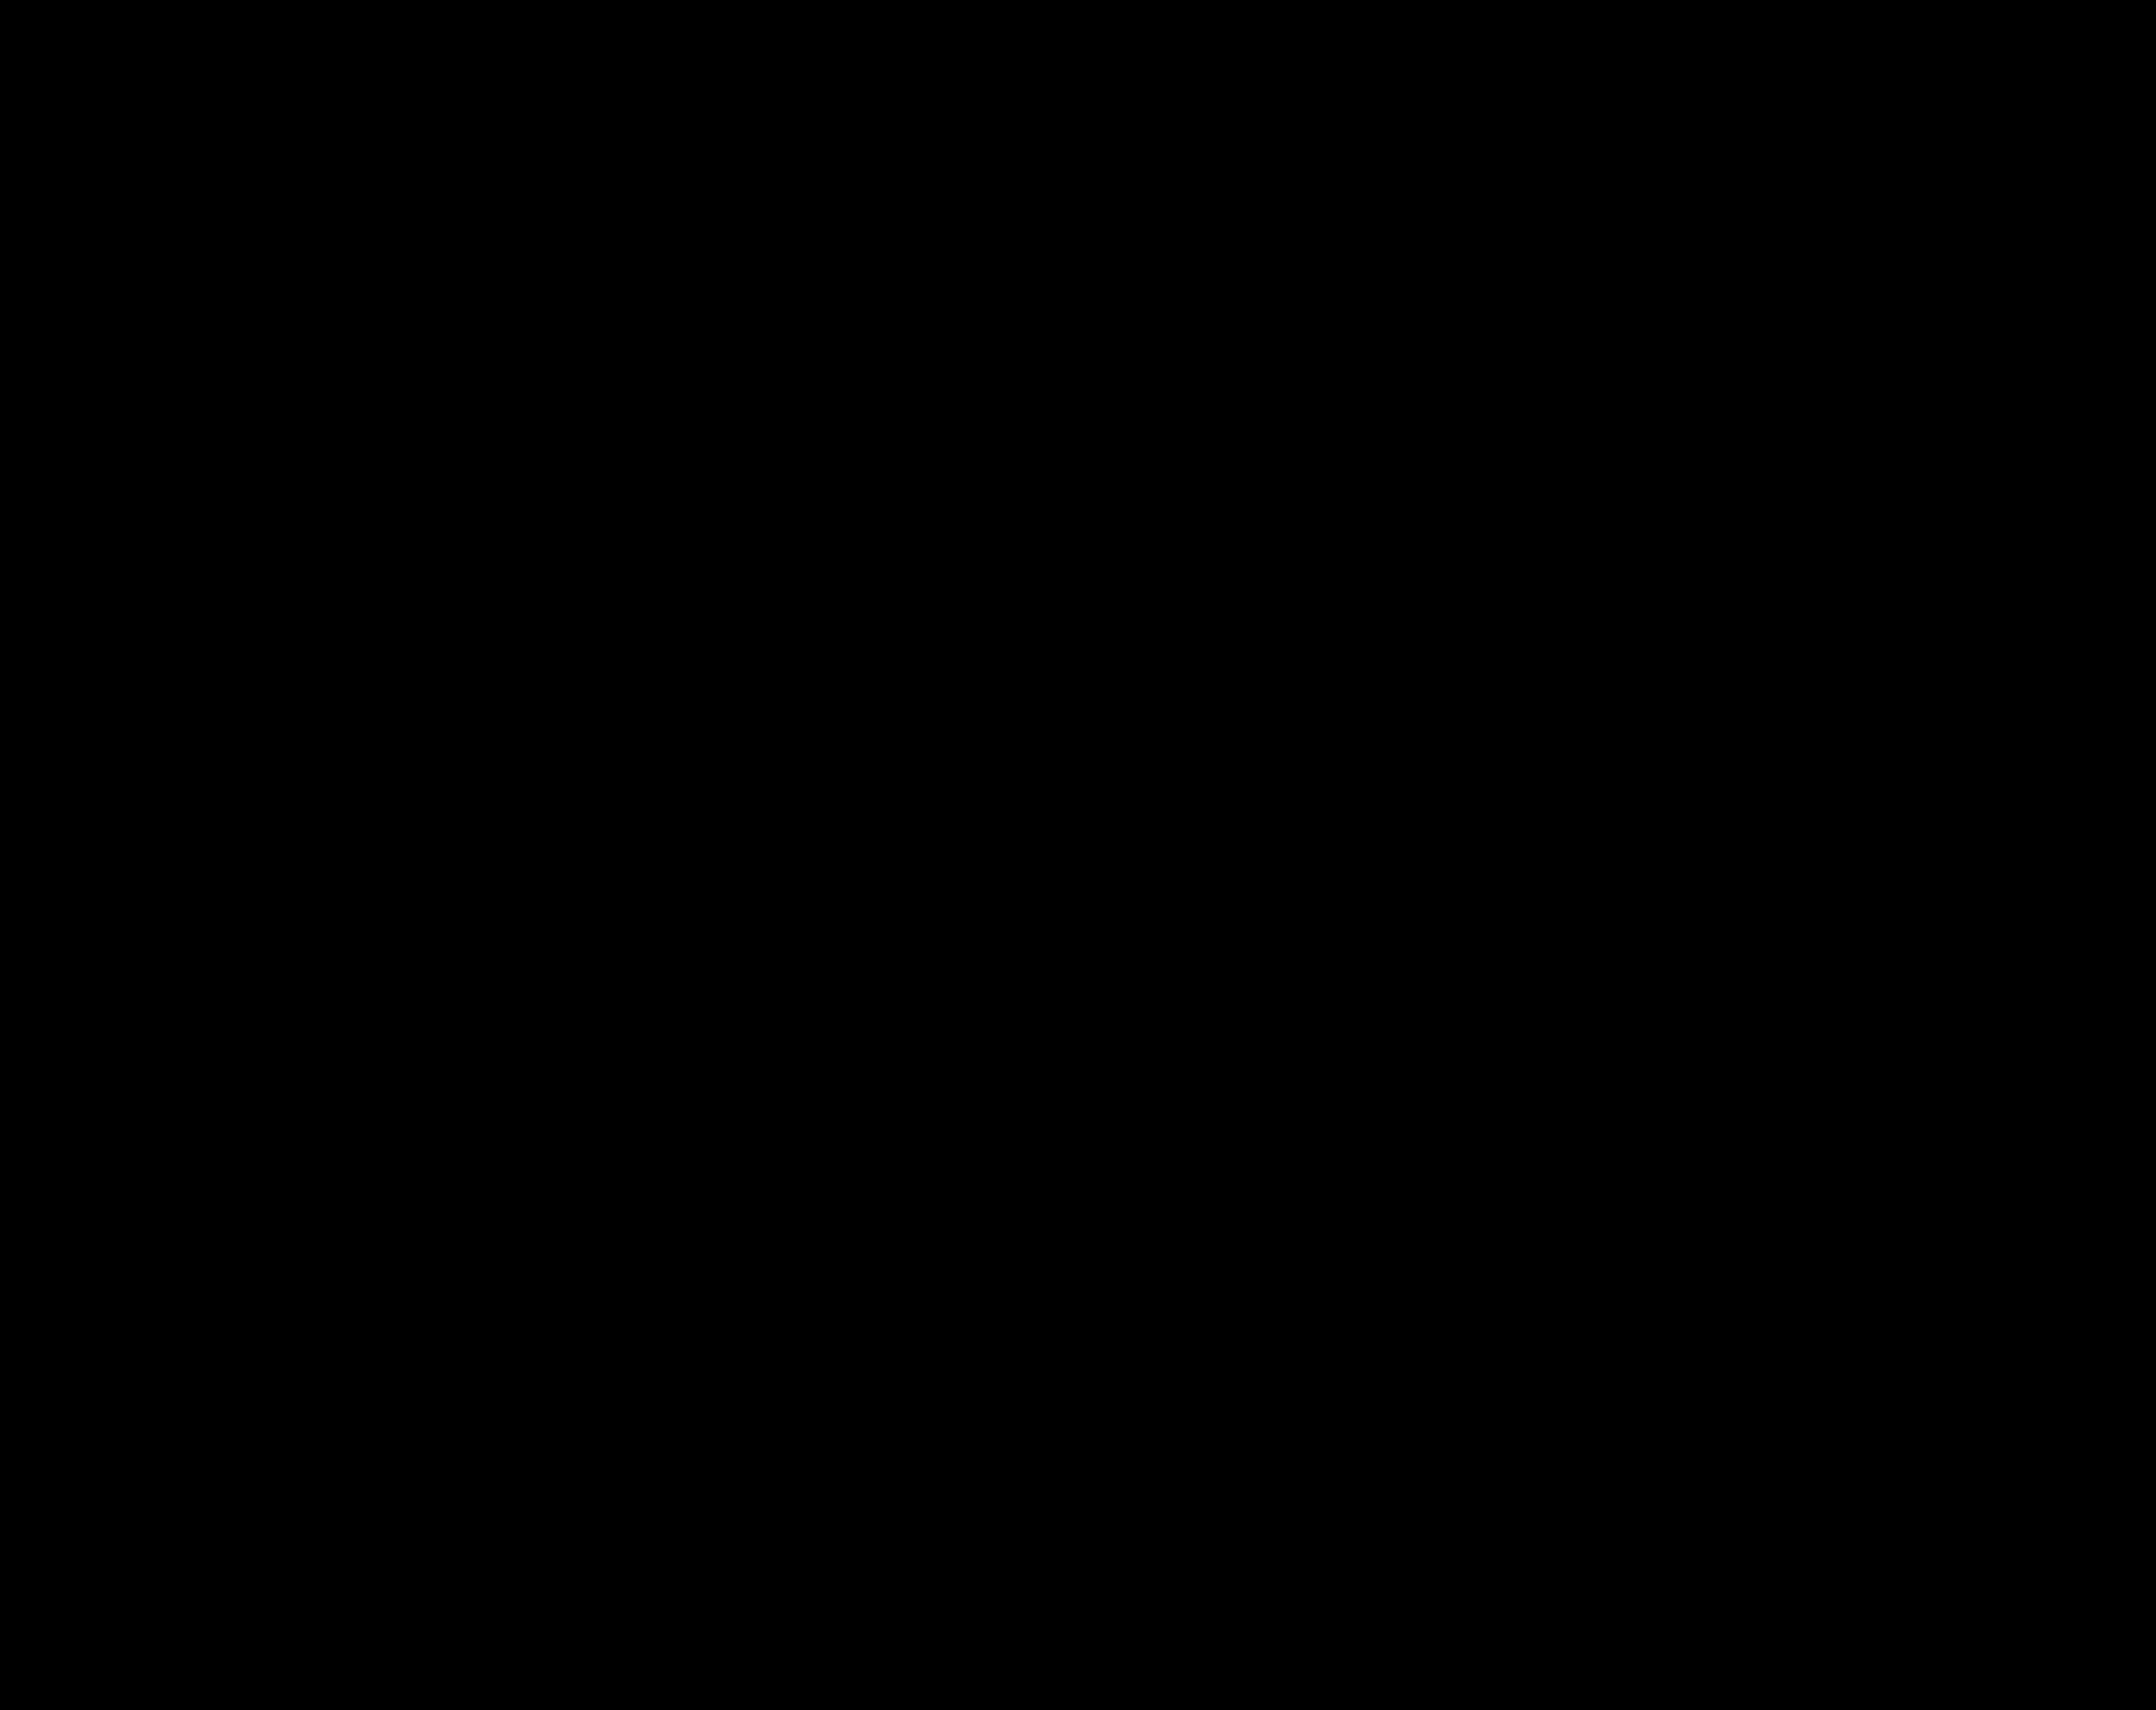 Figure Skating PNG Transparent SVG Clip arts